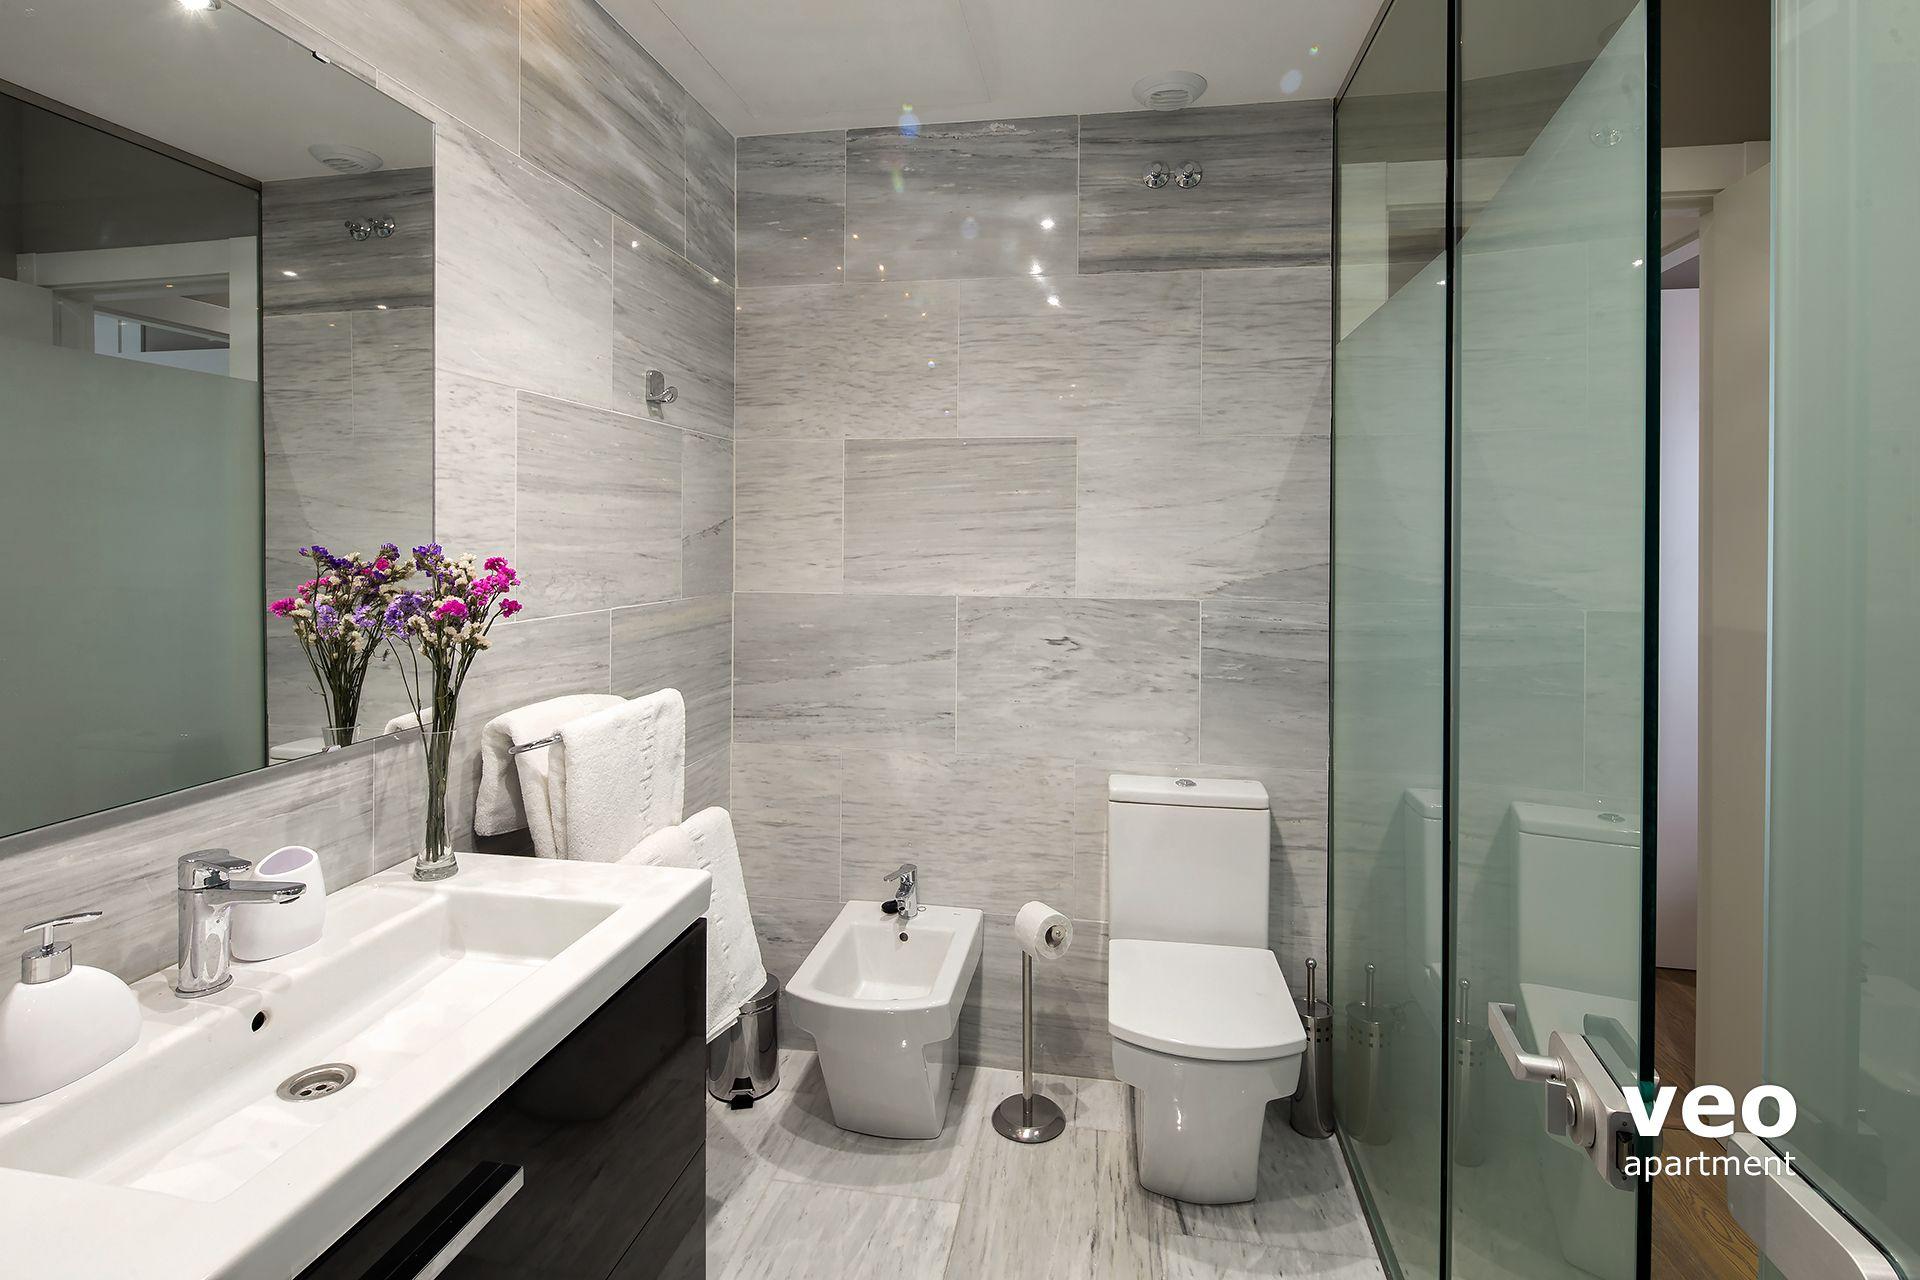 Sevilla Ferienwohnung   En Suite Bathroom With A Walk In Shower, Washbasin,  ...